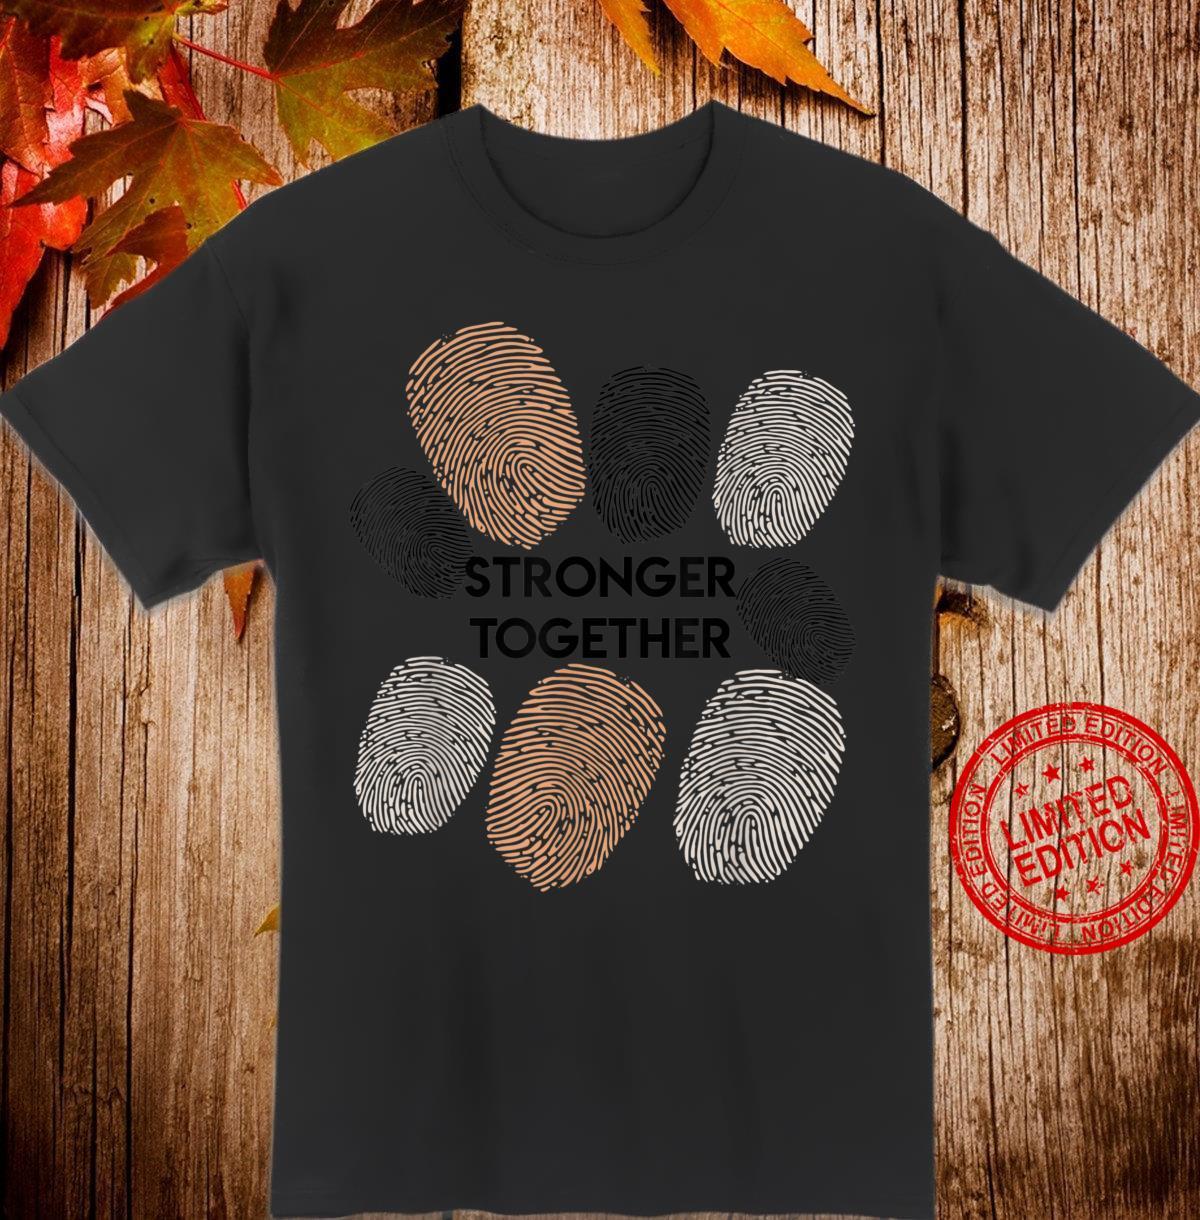 Together Stronger Melanin BLM Equality Black Pride Shirt